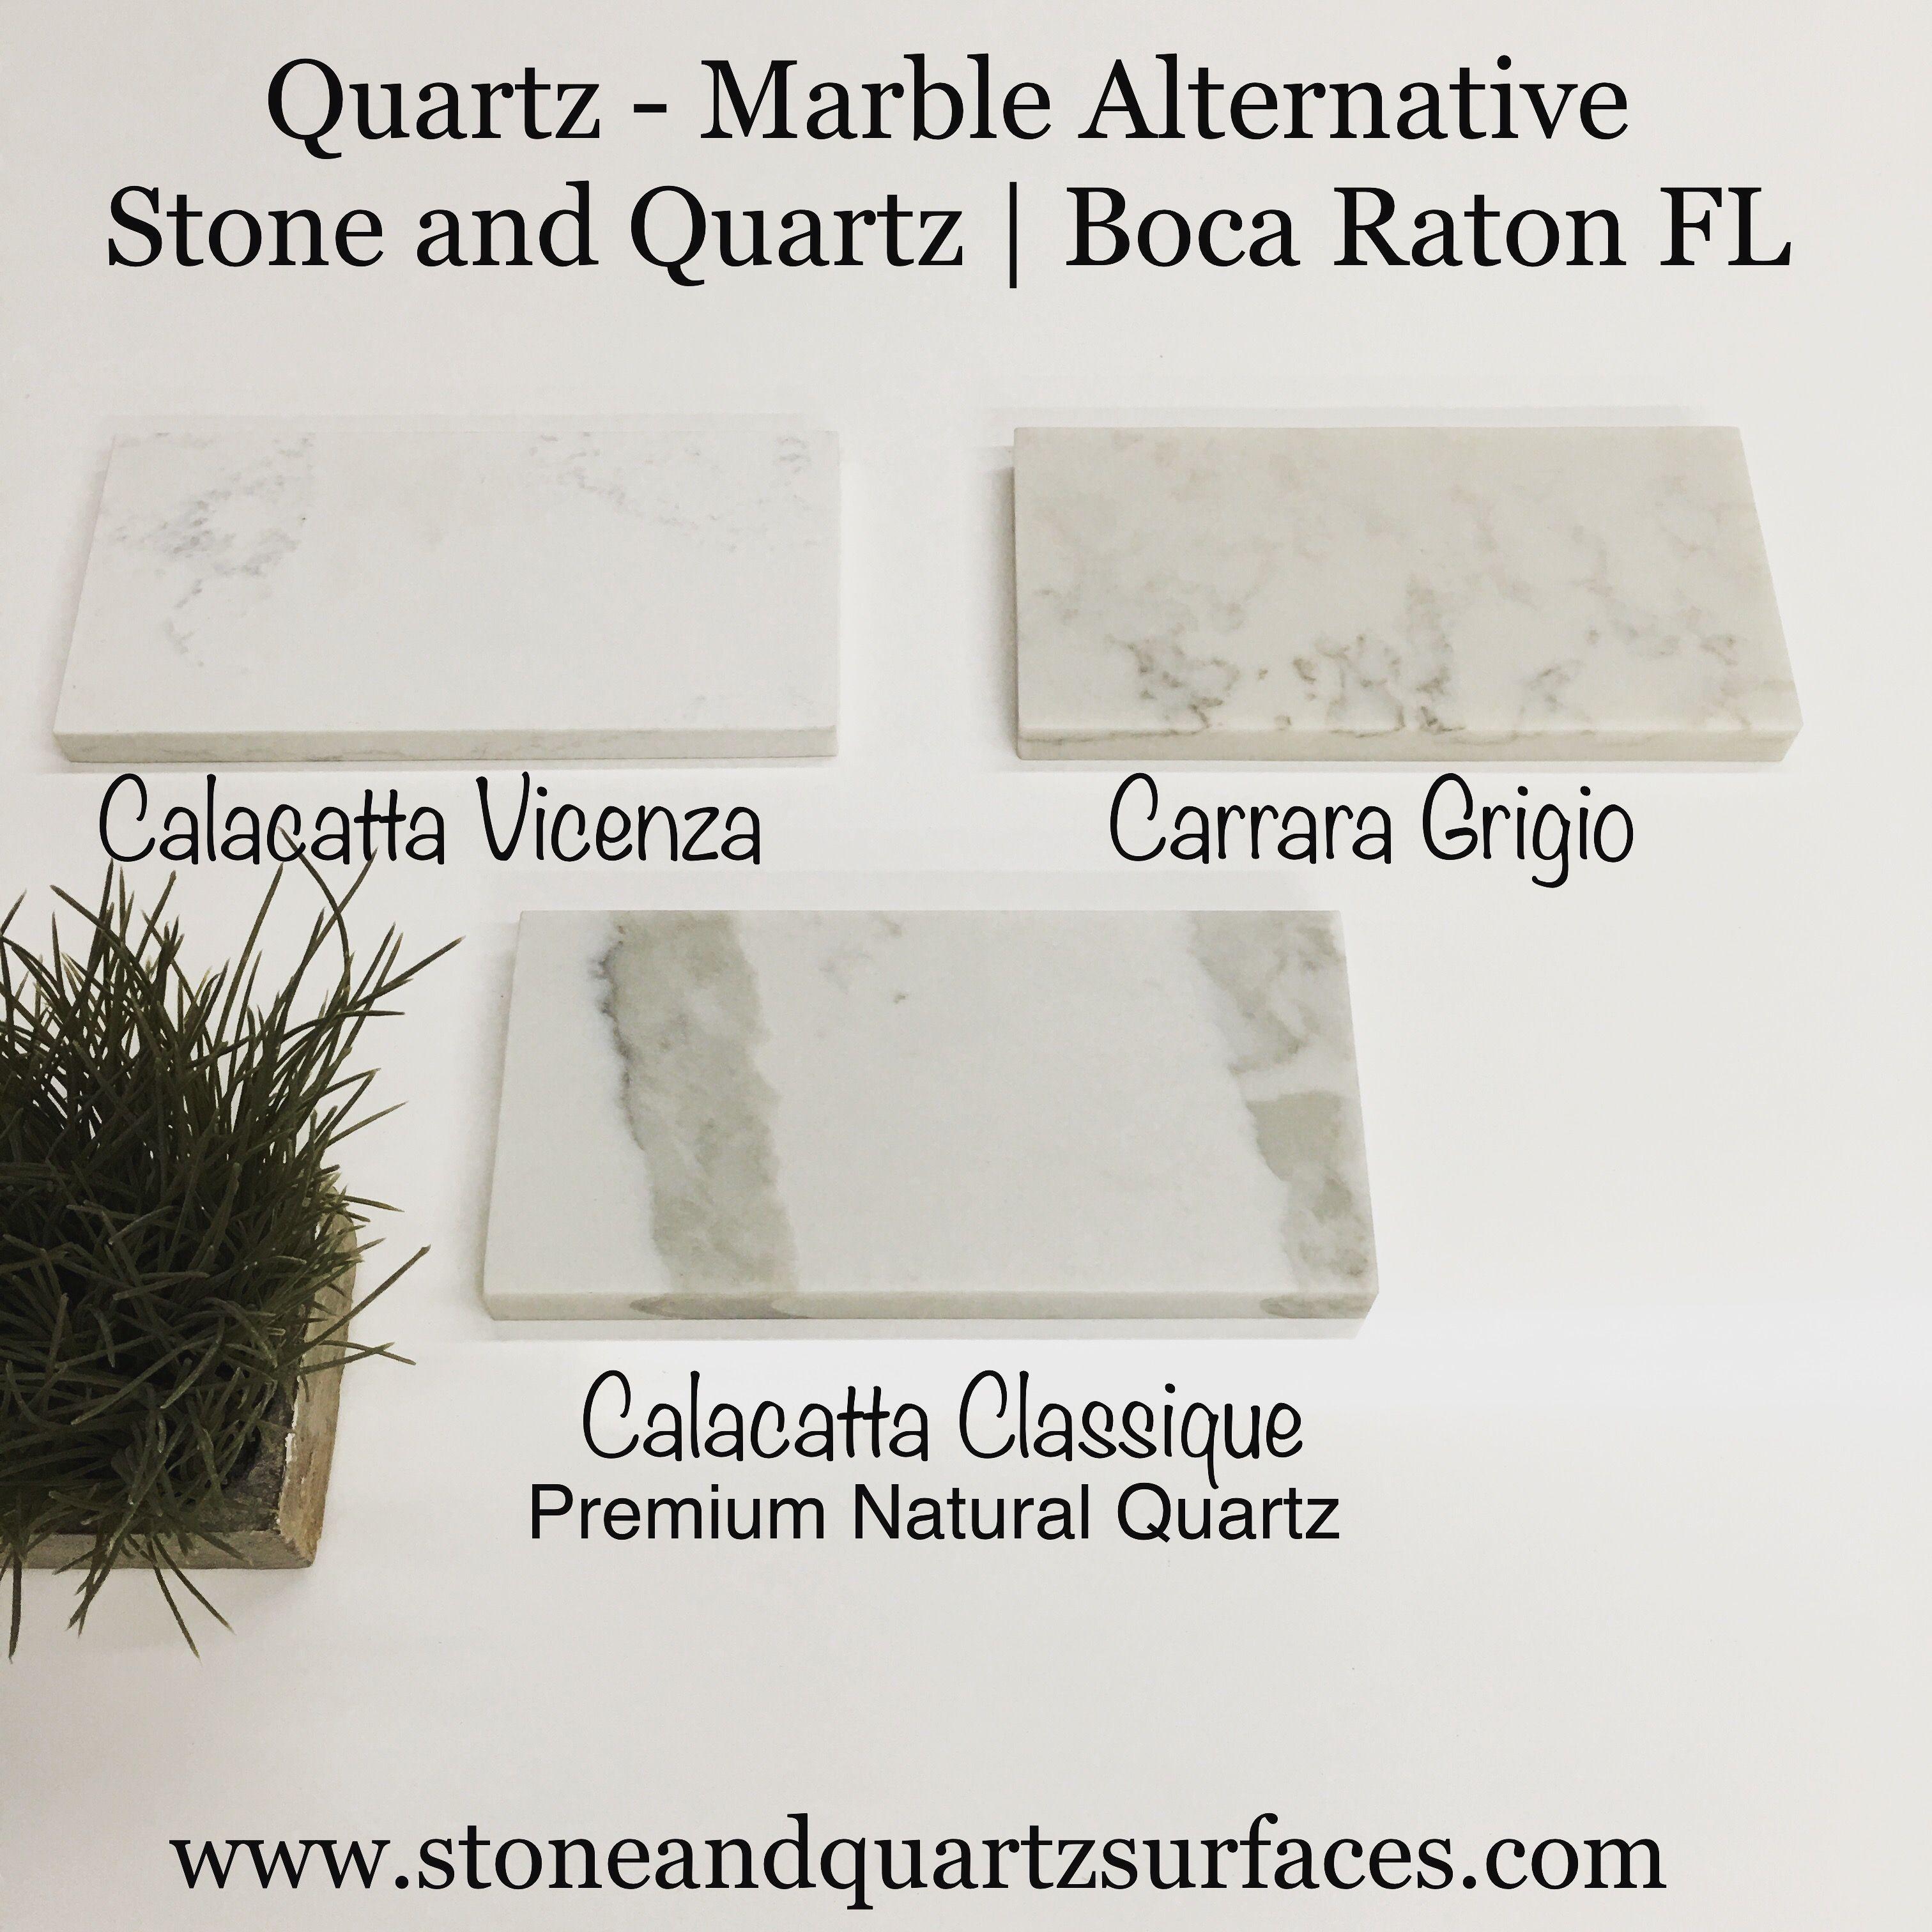 Calacatta Classique Quartz Countertops / Marble Alternative Stone ...